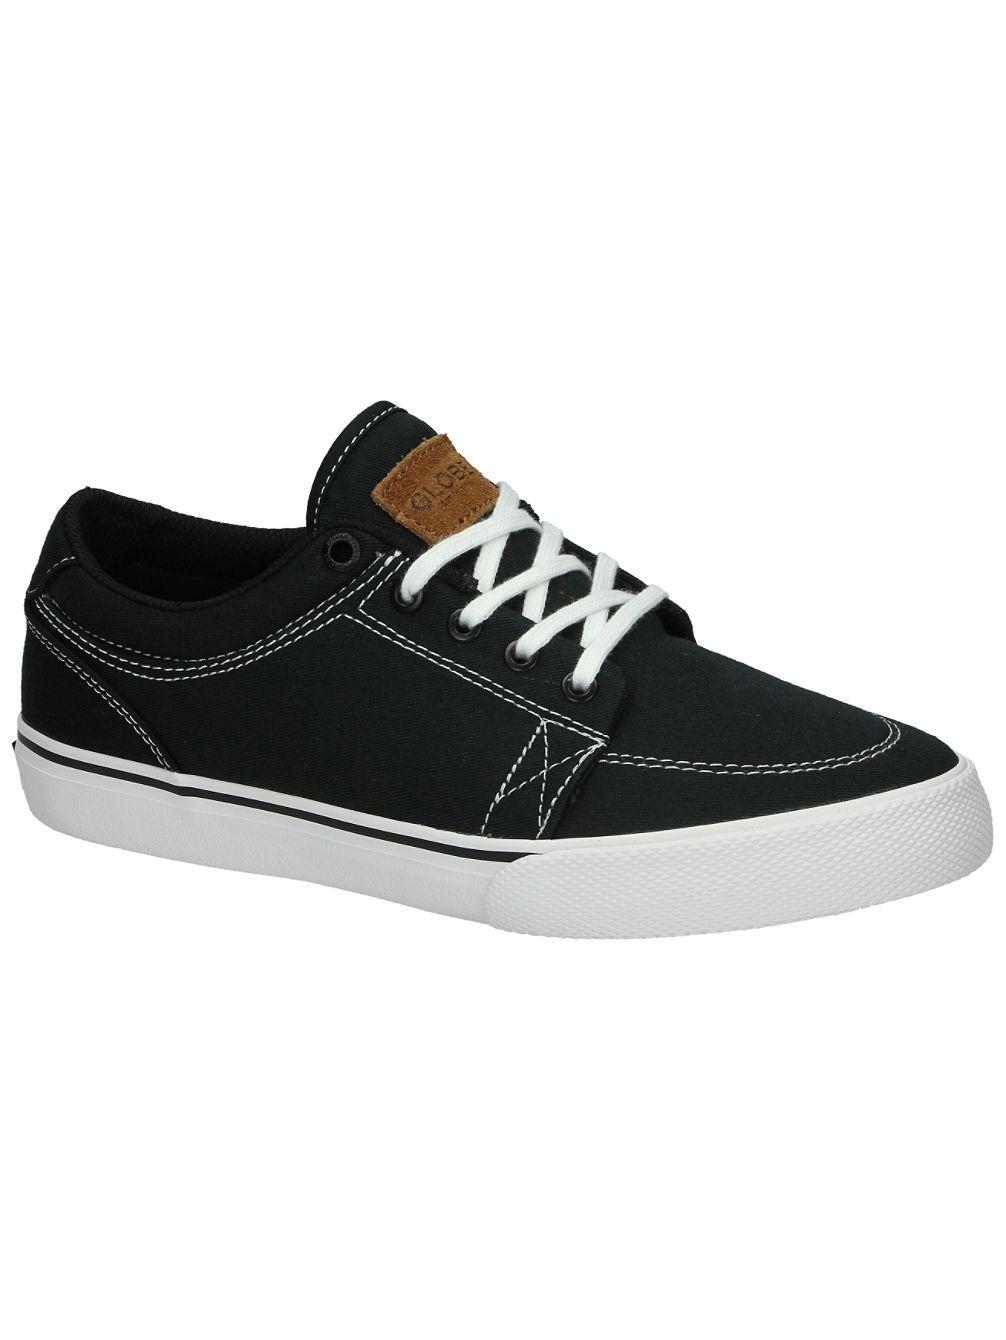 globe-gs-sneakers-boys